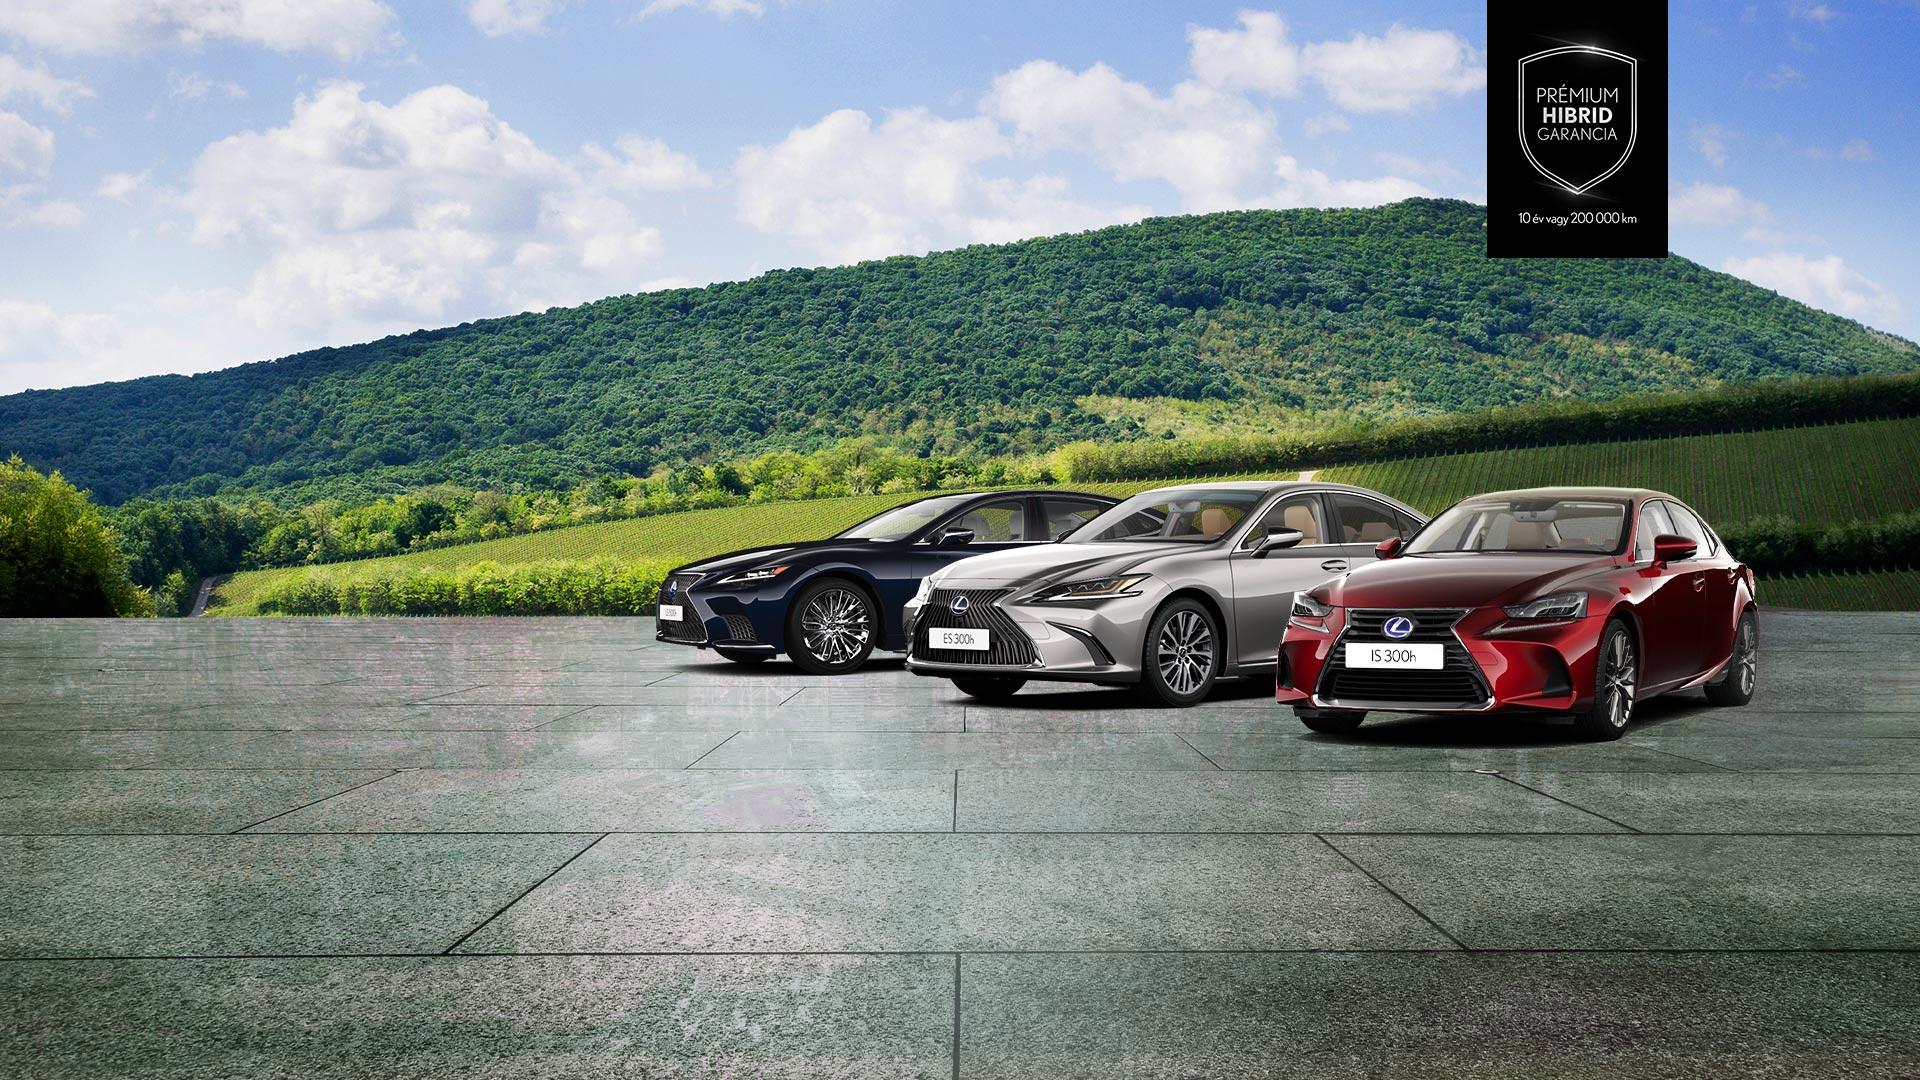 Copy of Copy of Premium Sedan Hero